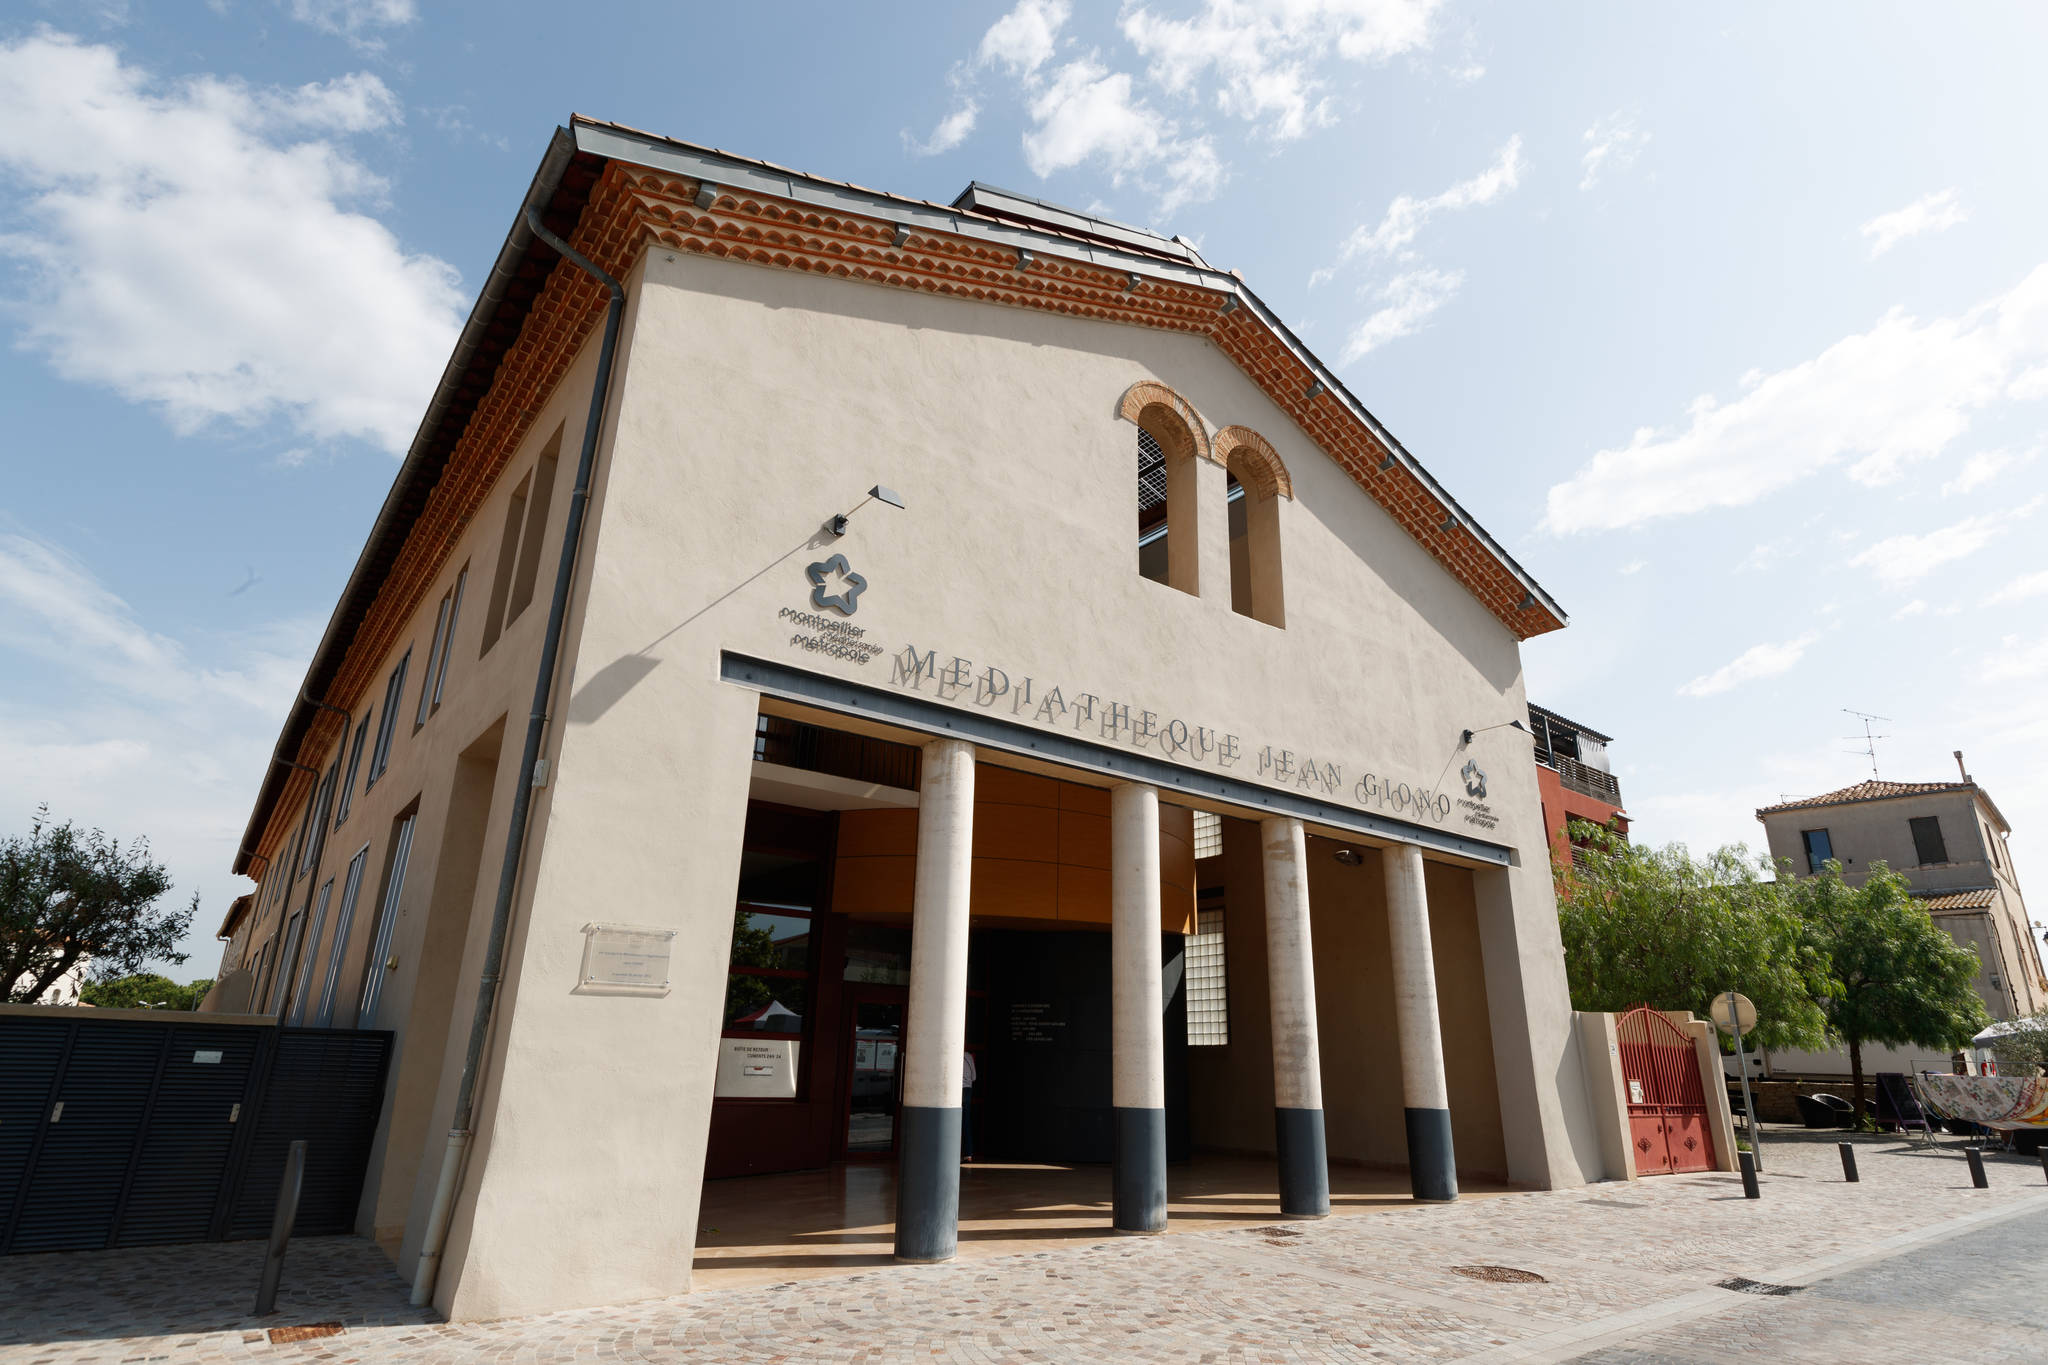 Fermeture de la Médiathèque Jean Giono à Pérols pour cause de COVID-19